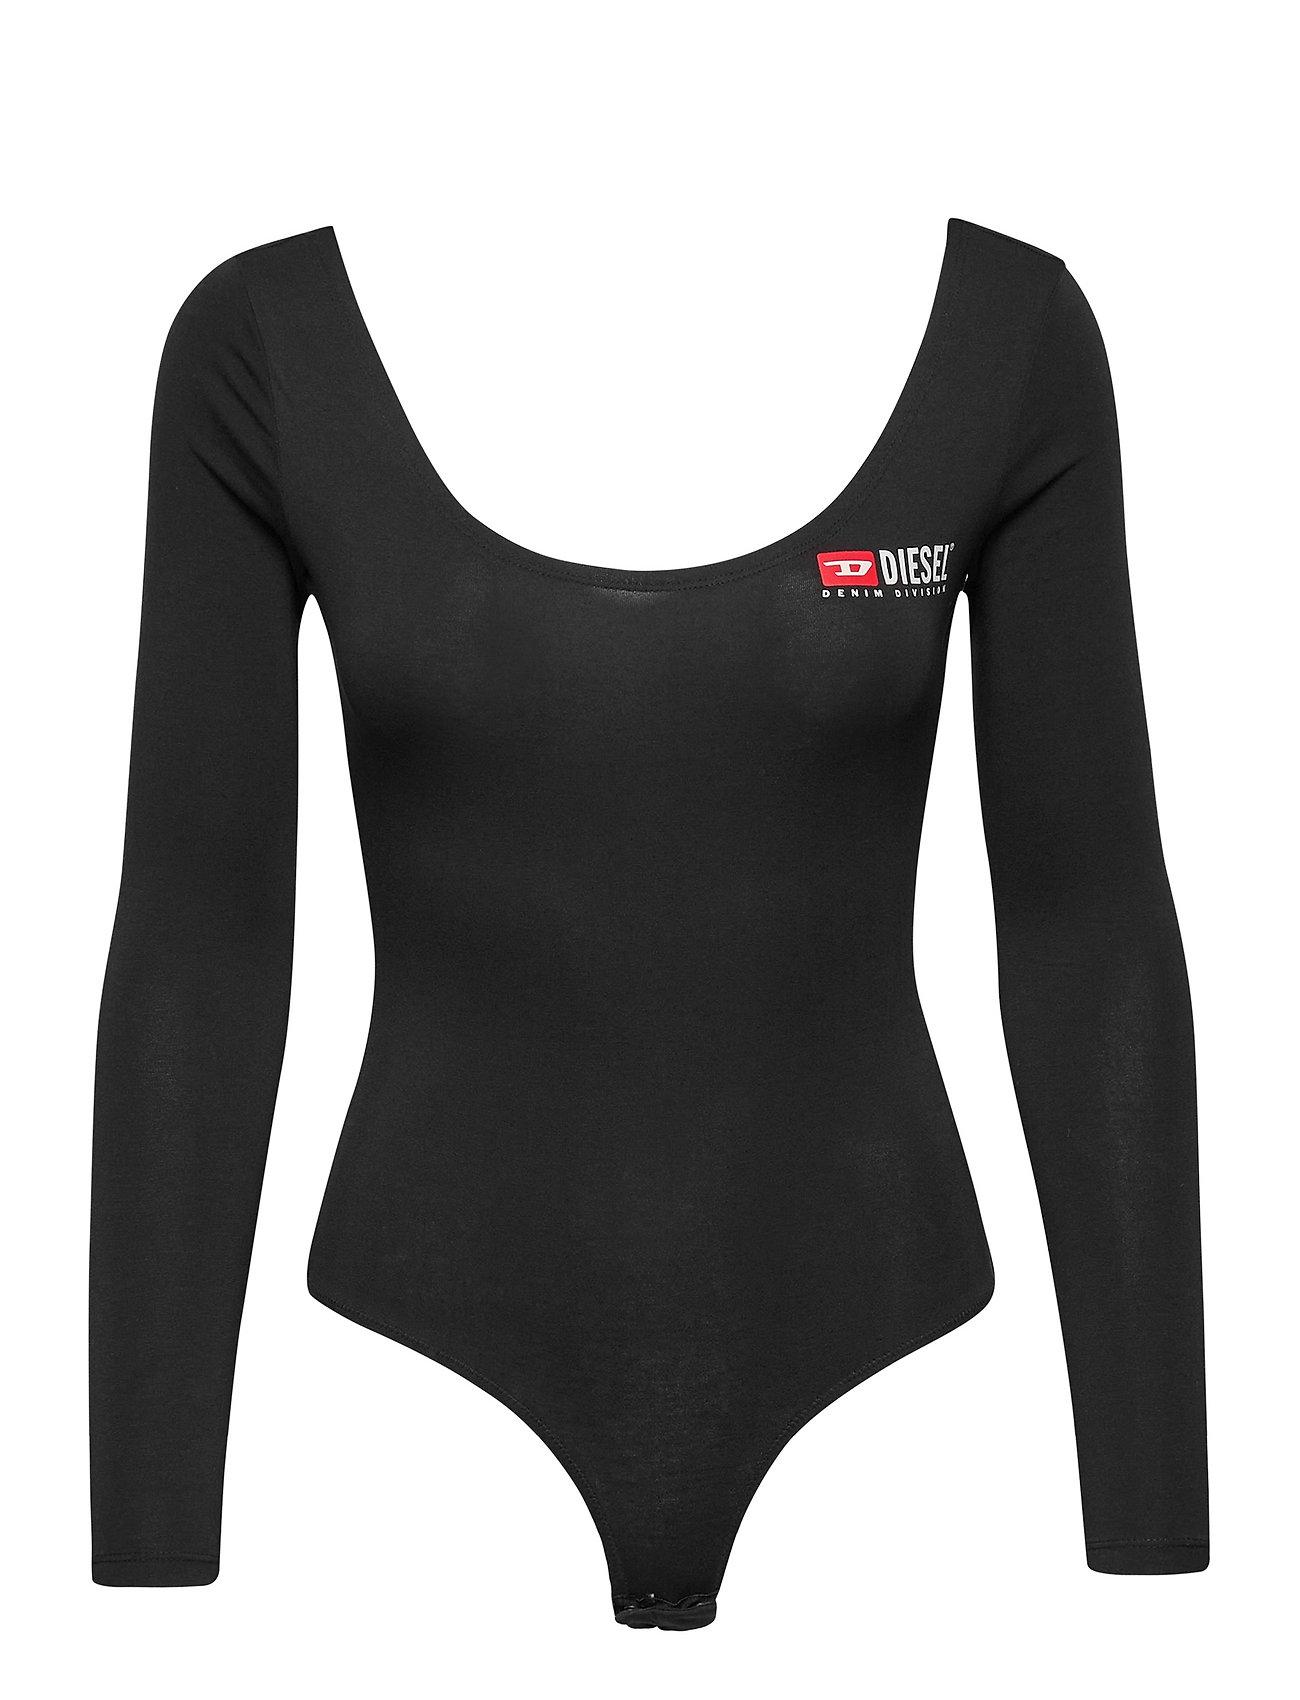 Uftk-Body-Ls Uw Body Body Bodysuit Sort Diesel Women